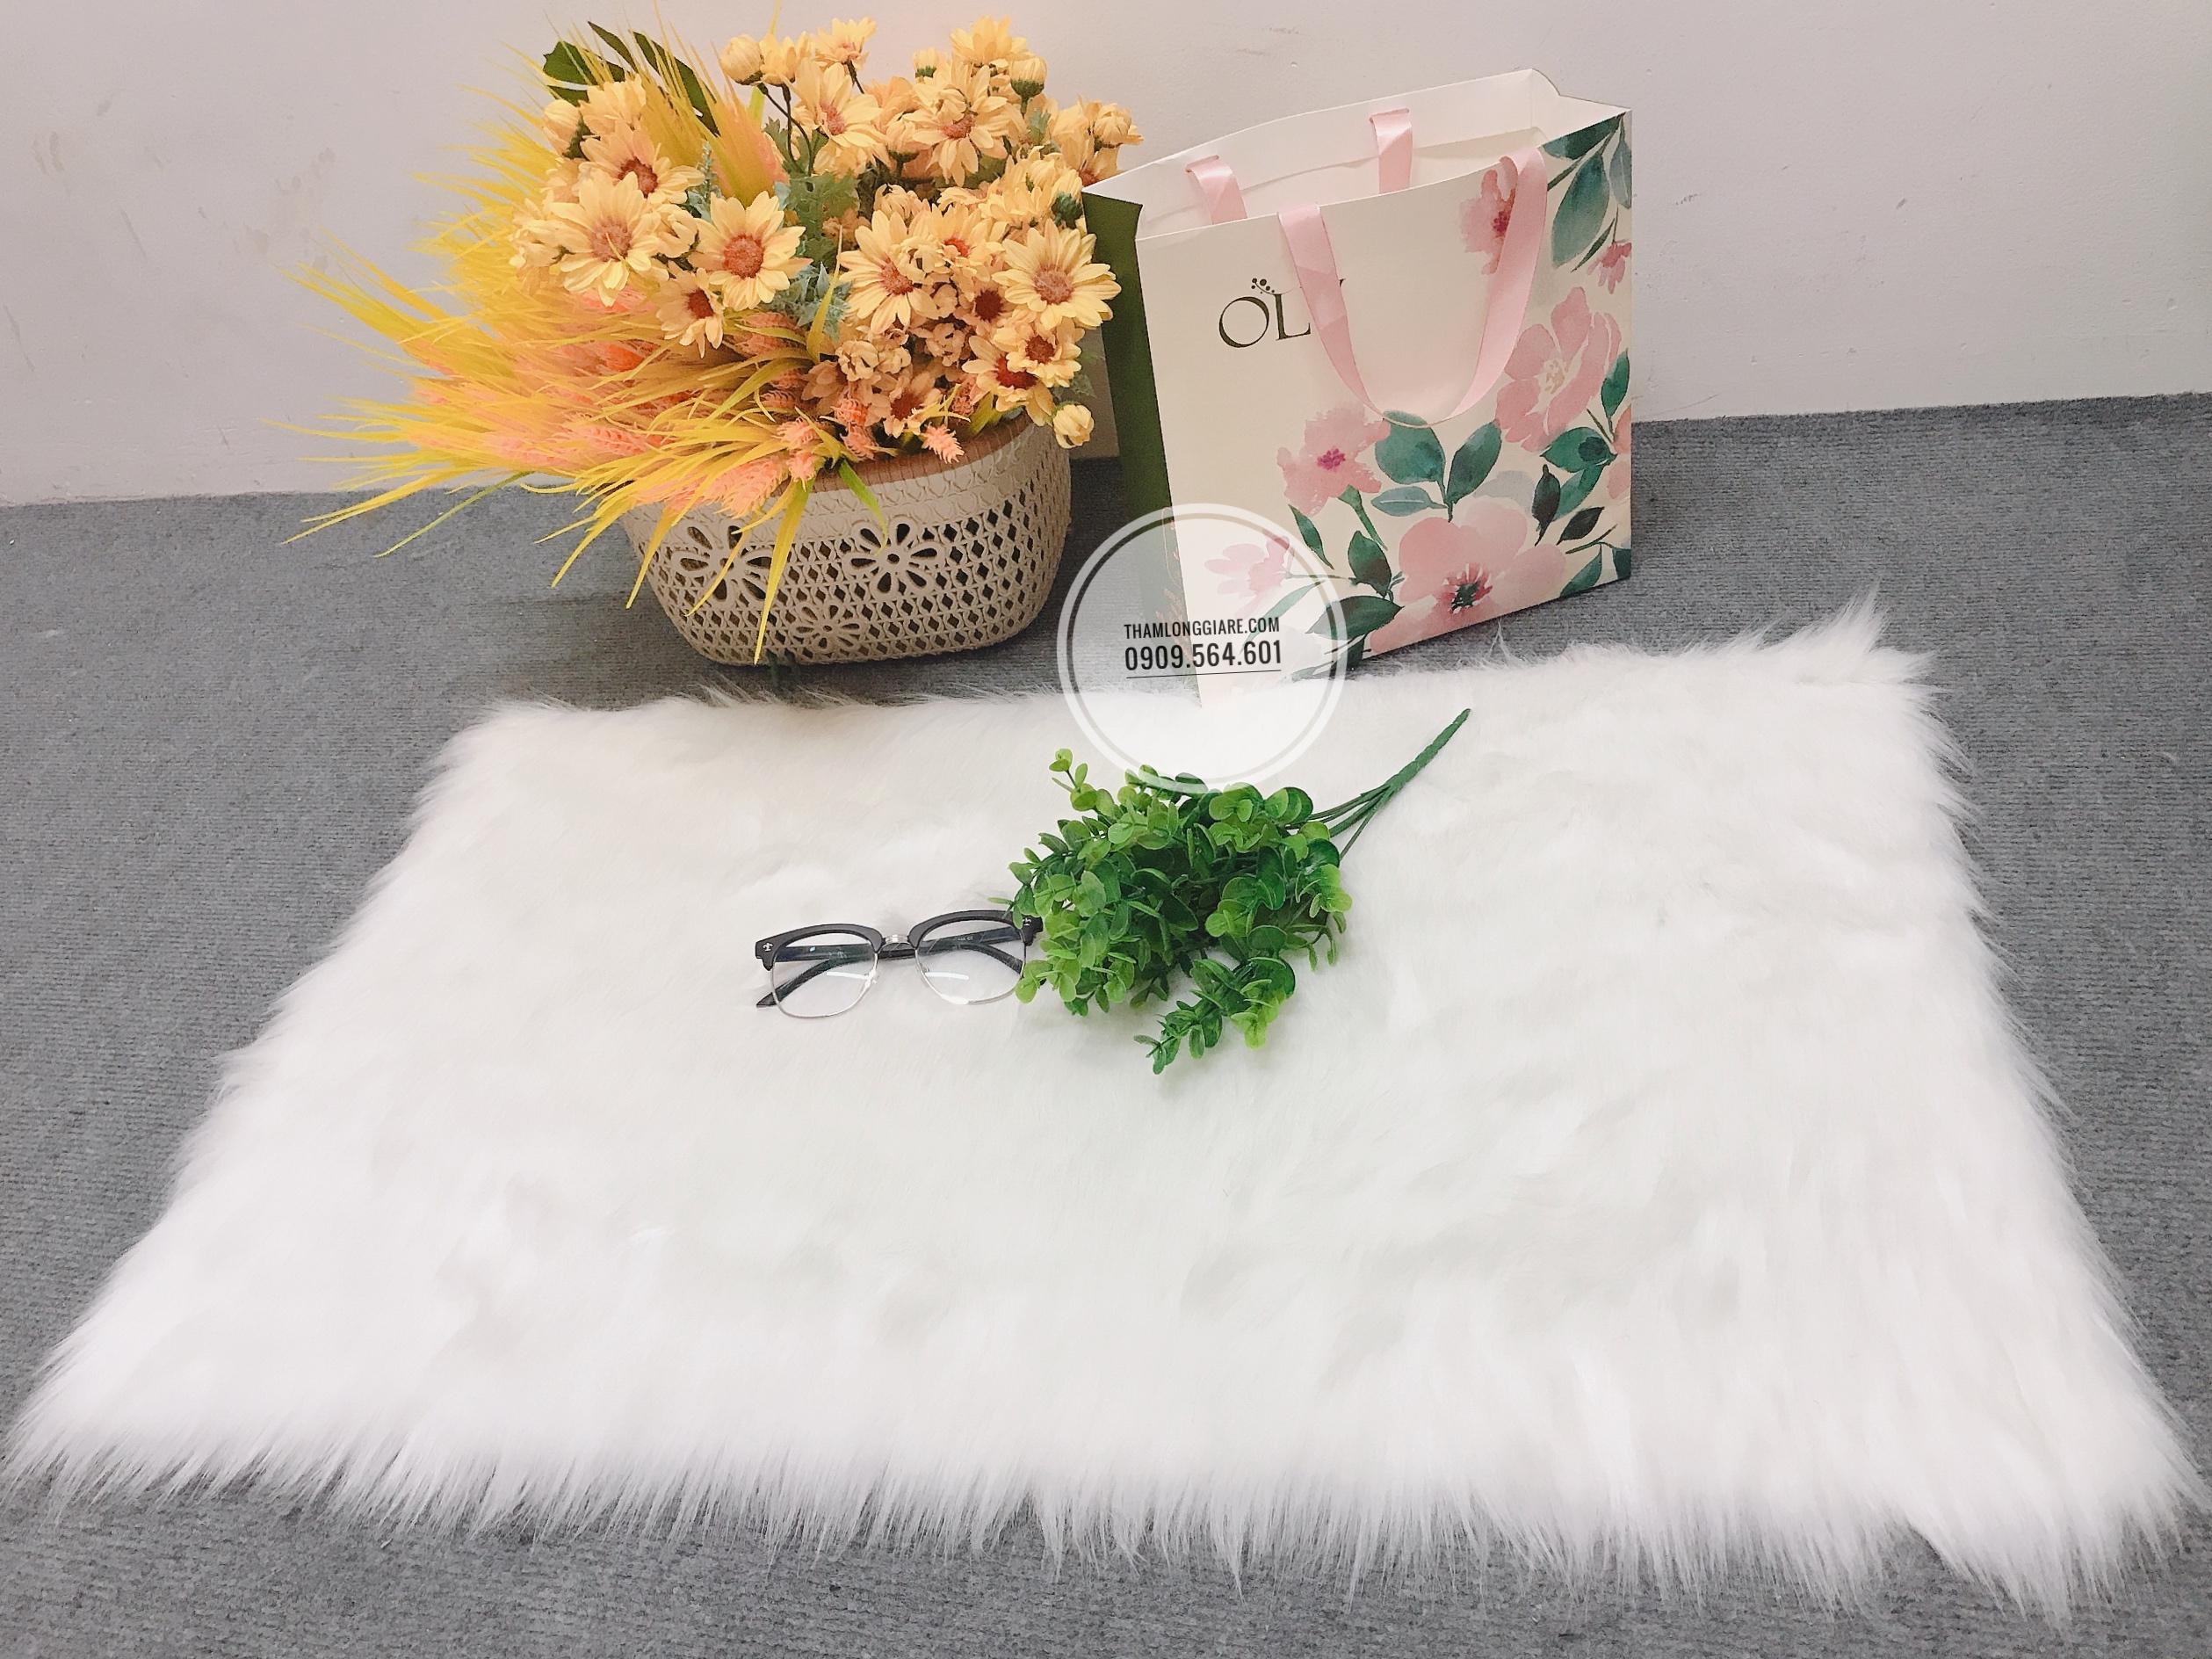 Thảm Lông Màu Trắng 50x80cm Lông Hồ ly trắng dài - size vừa chuyên dùng chụp ảnh, trải bàn